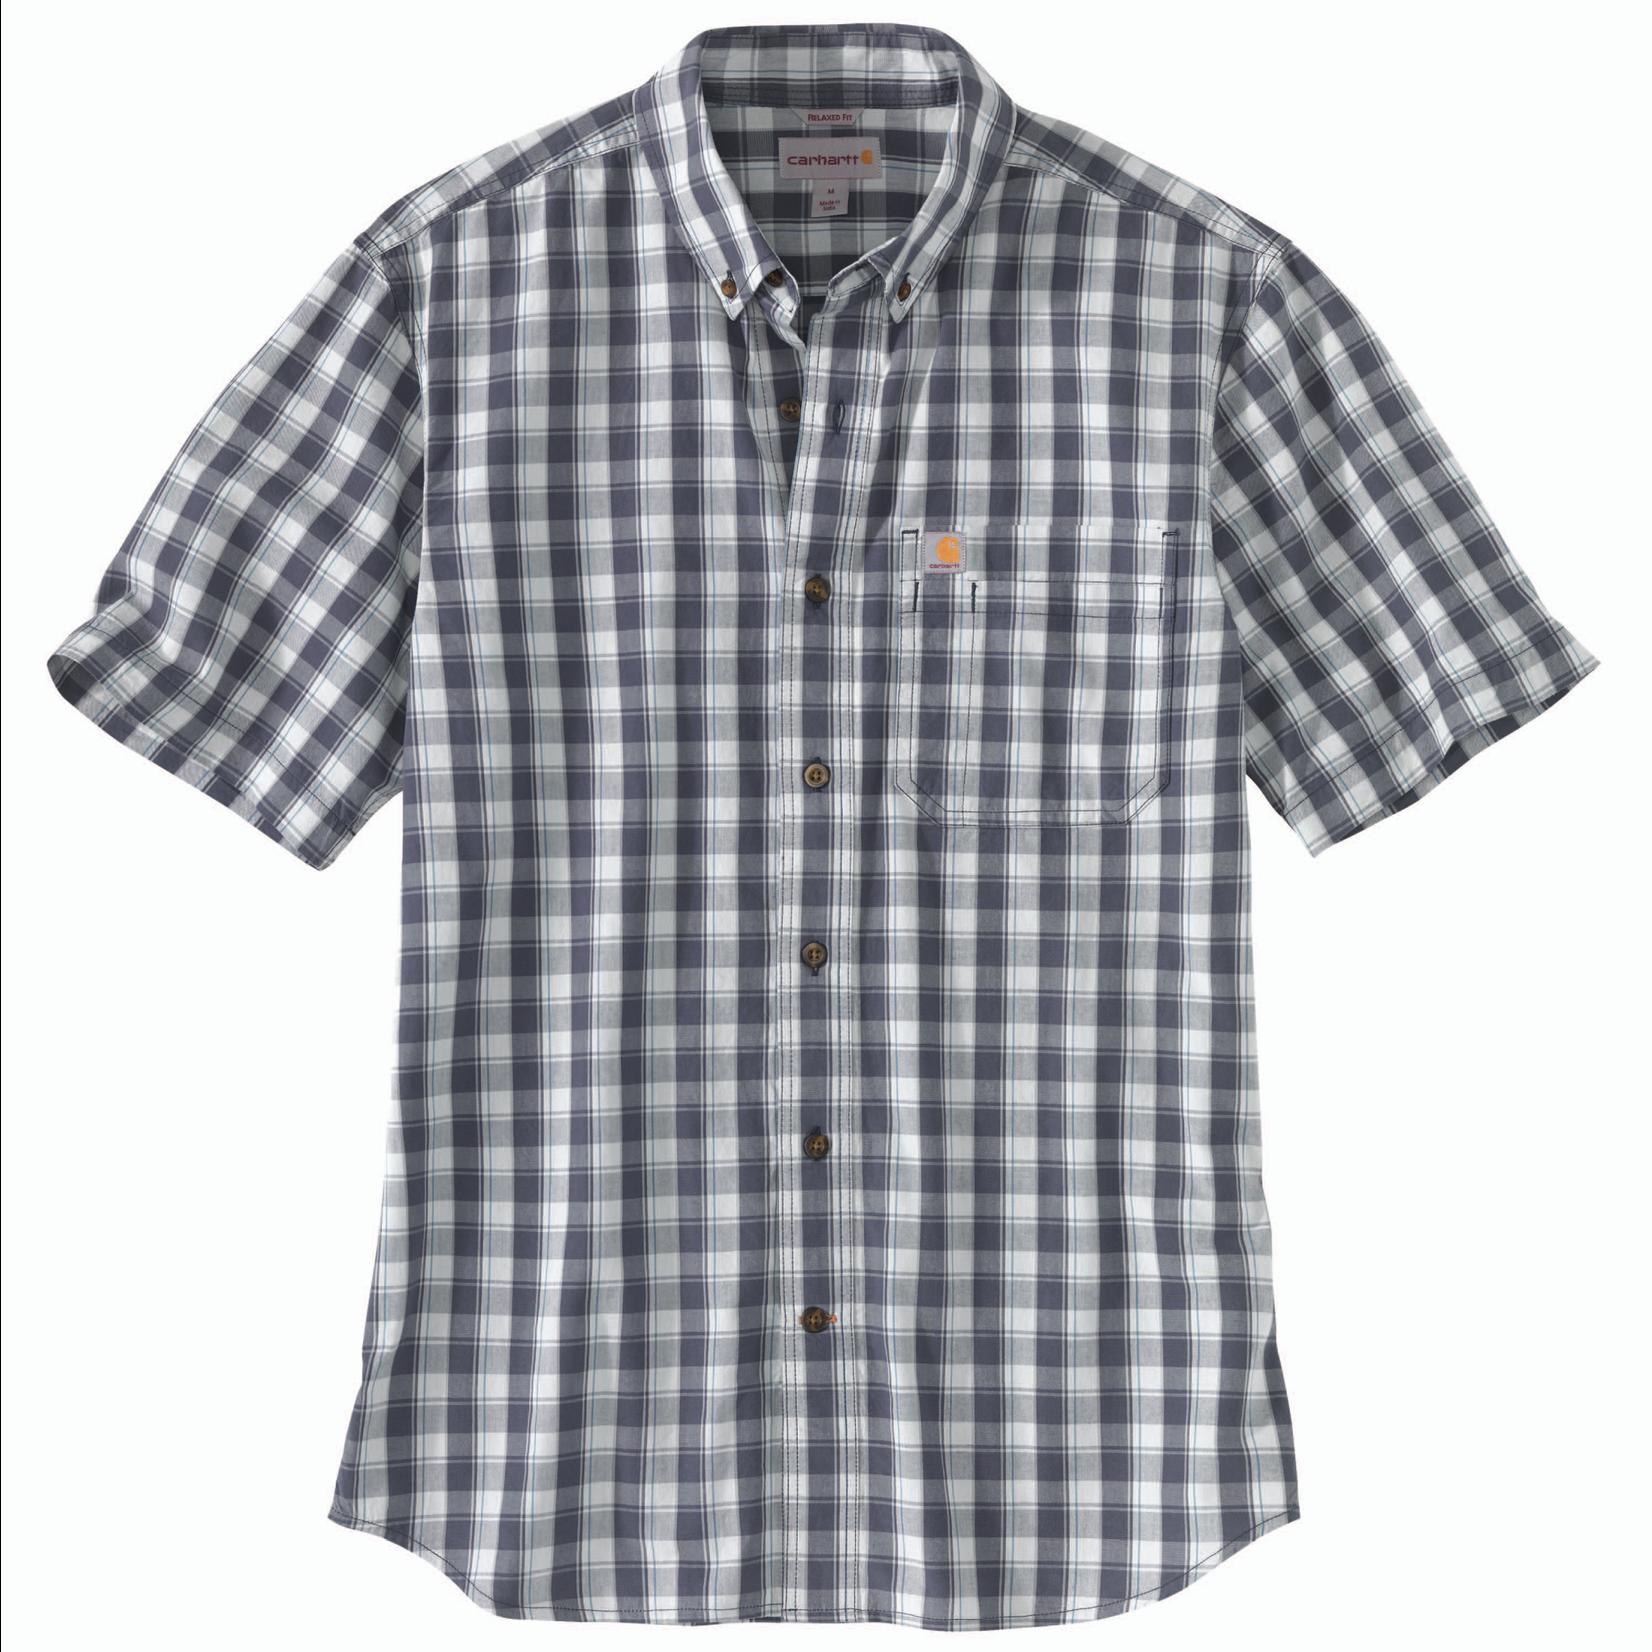 Carhartt Carhartt 104174 Short-Sleeve Button-up Plaid Shirt